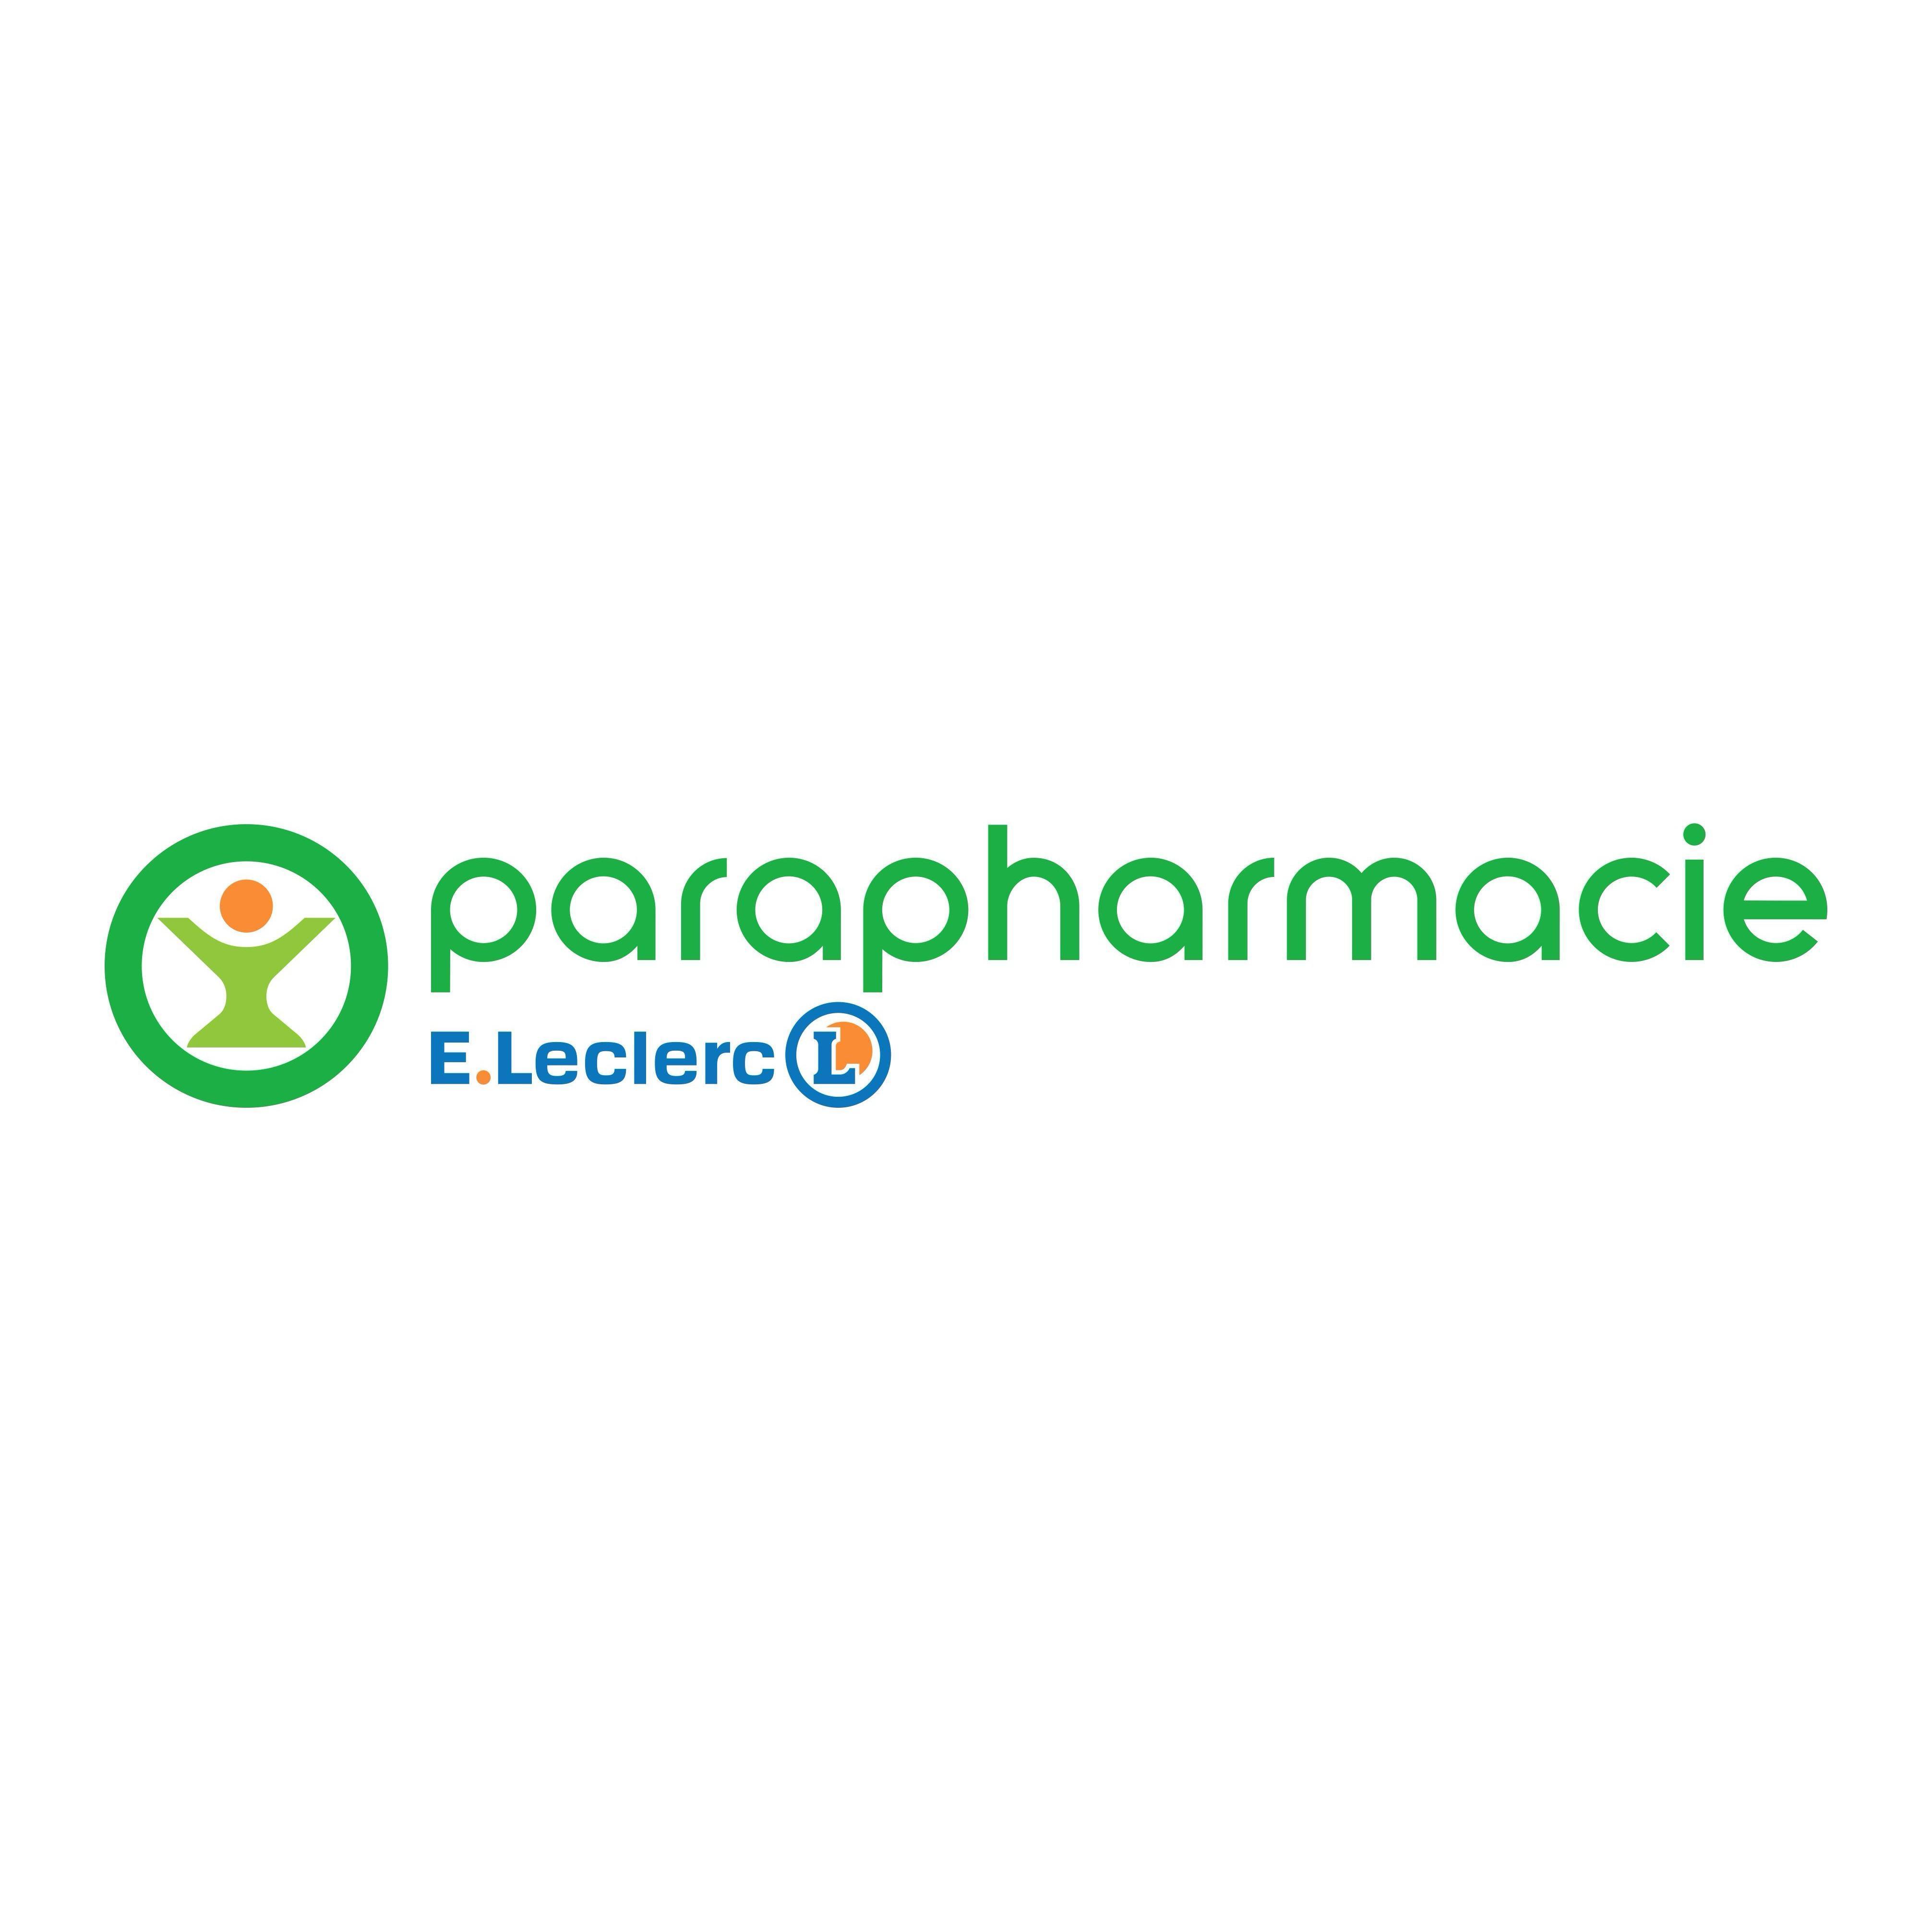 E.leclerc Parapharmacie La Souterraine